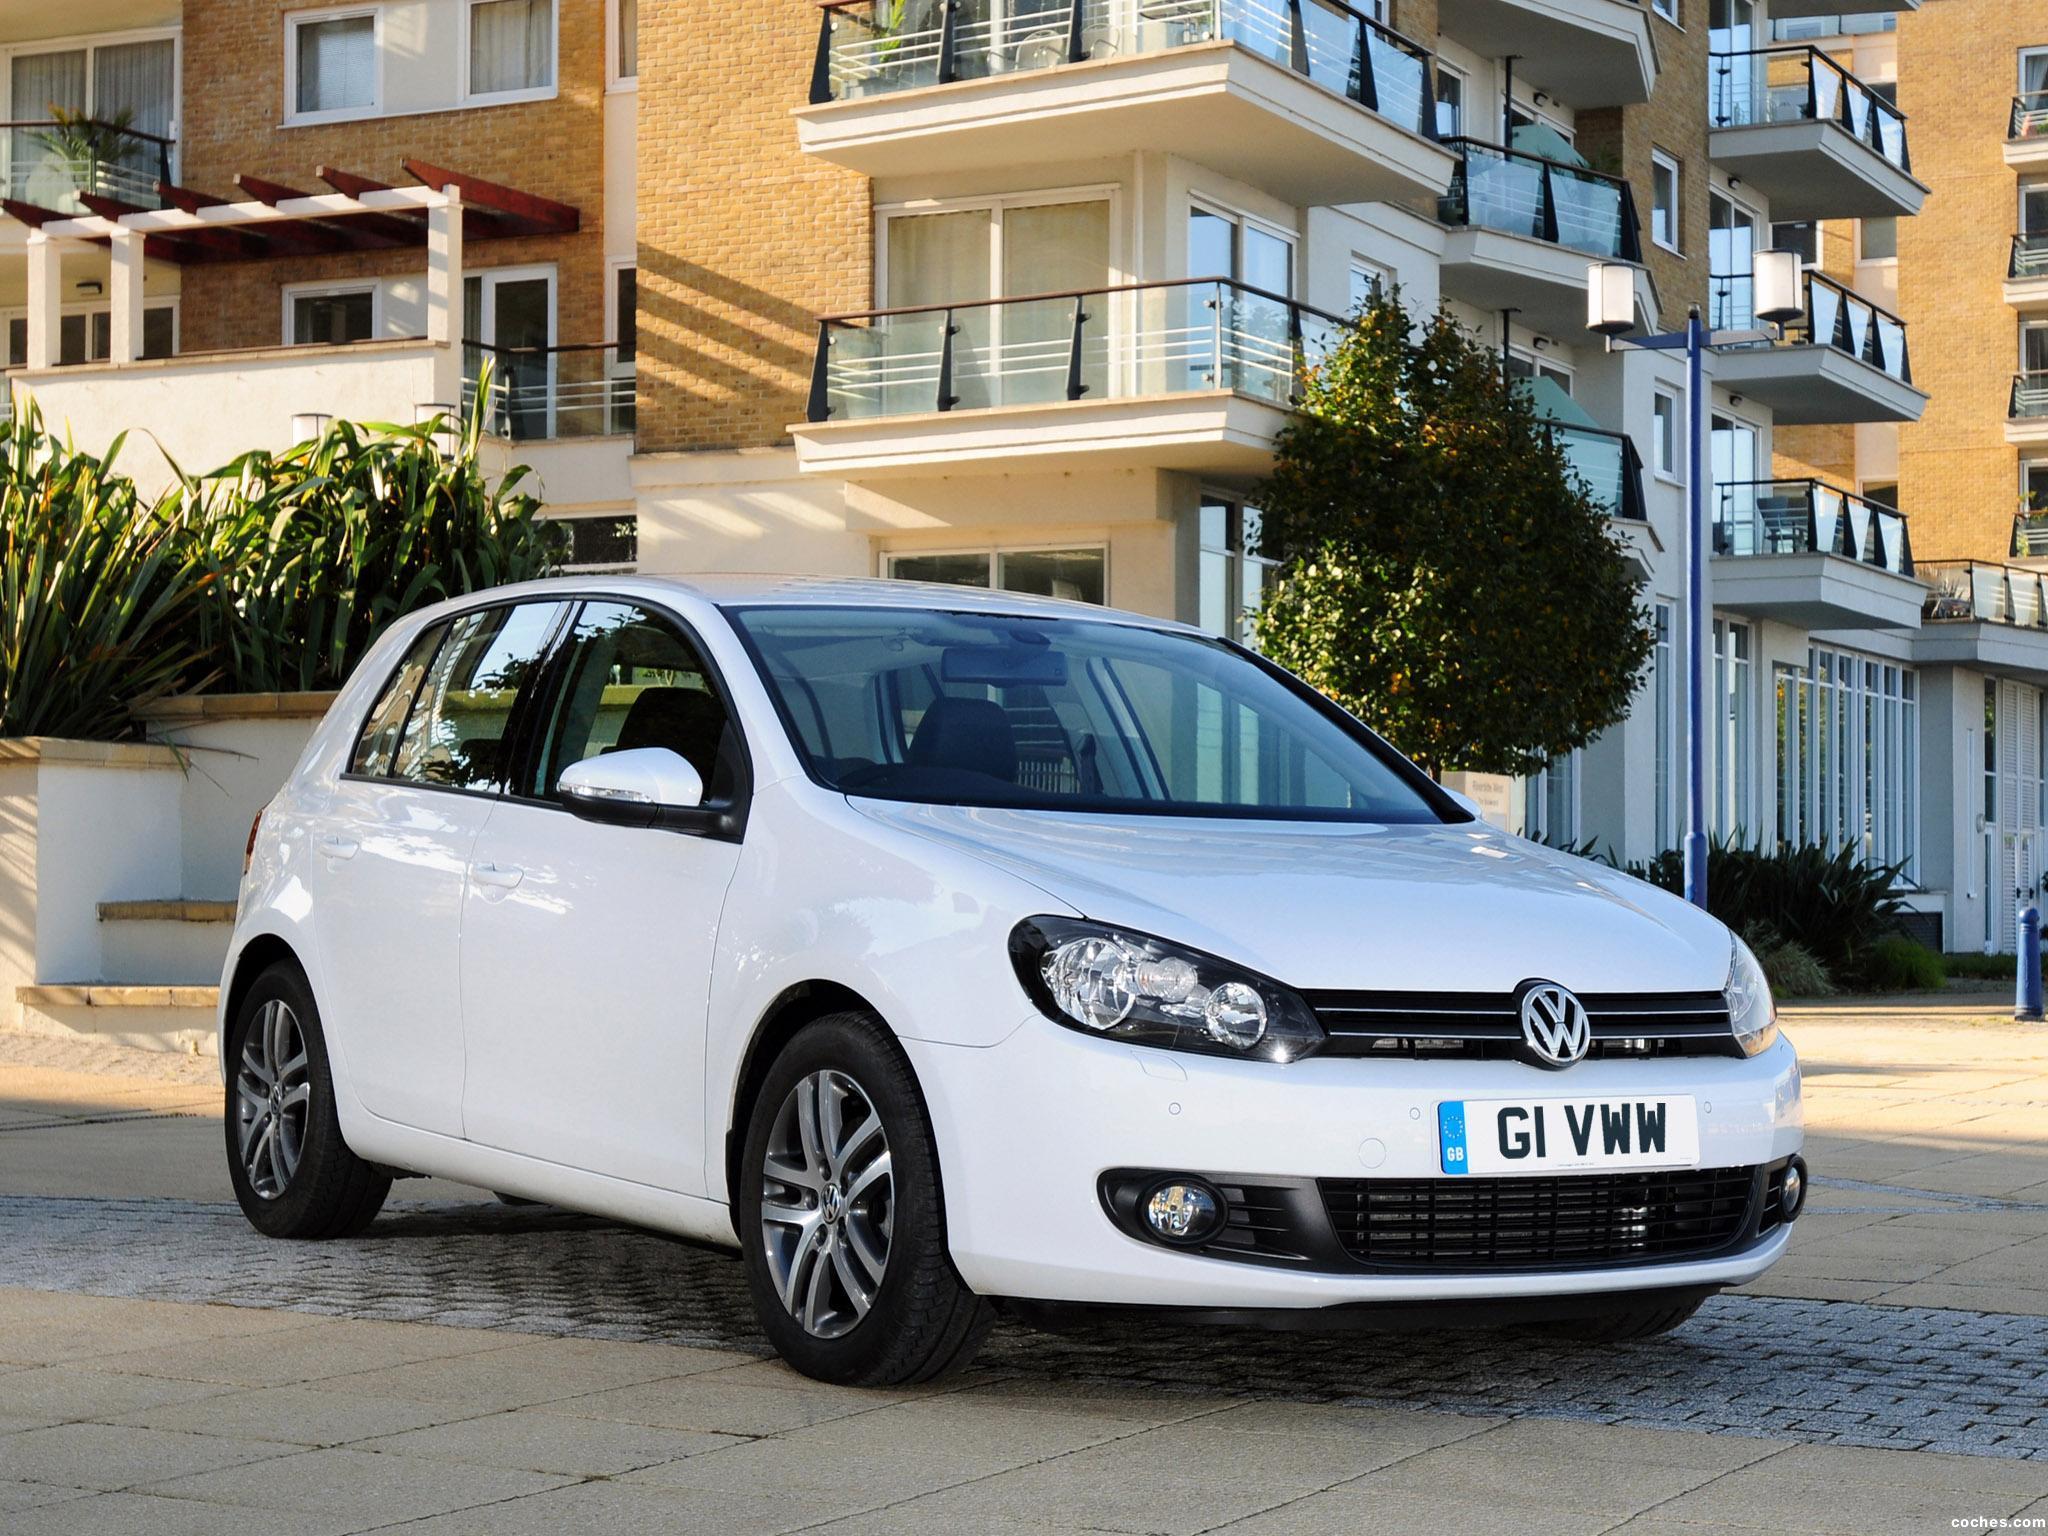 Foto 0 de Volkswagen Golf VI Match 2010